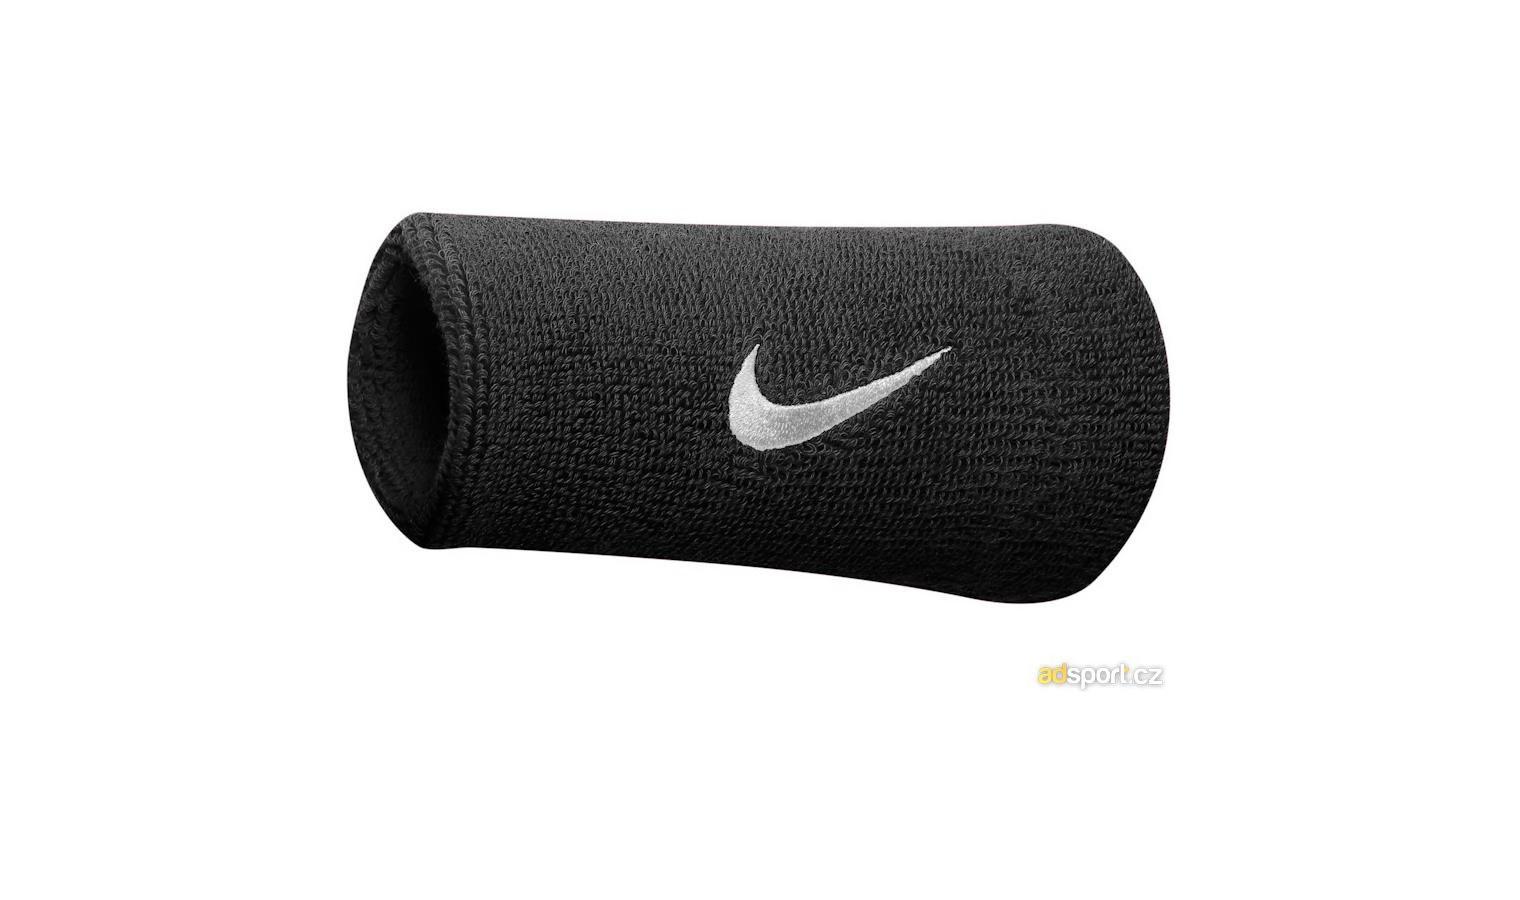 Potítko Nike SWOOSH DOUBLEWIDE WRISTBANDS černé  eb8dcf1266